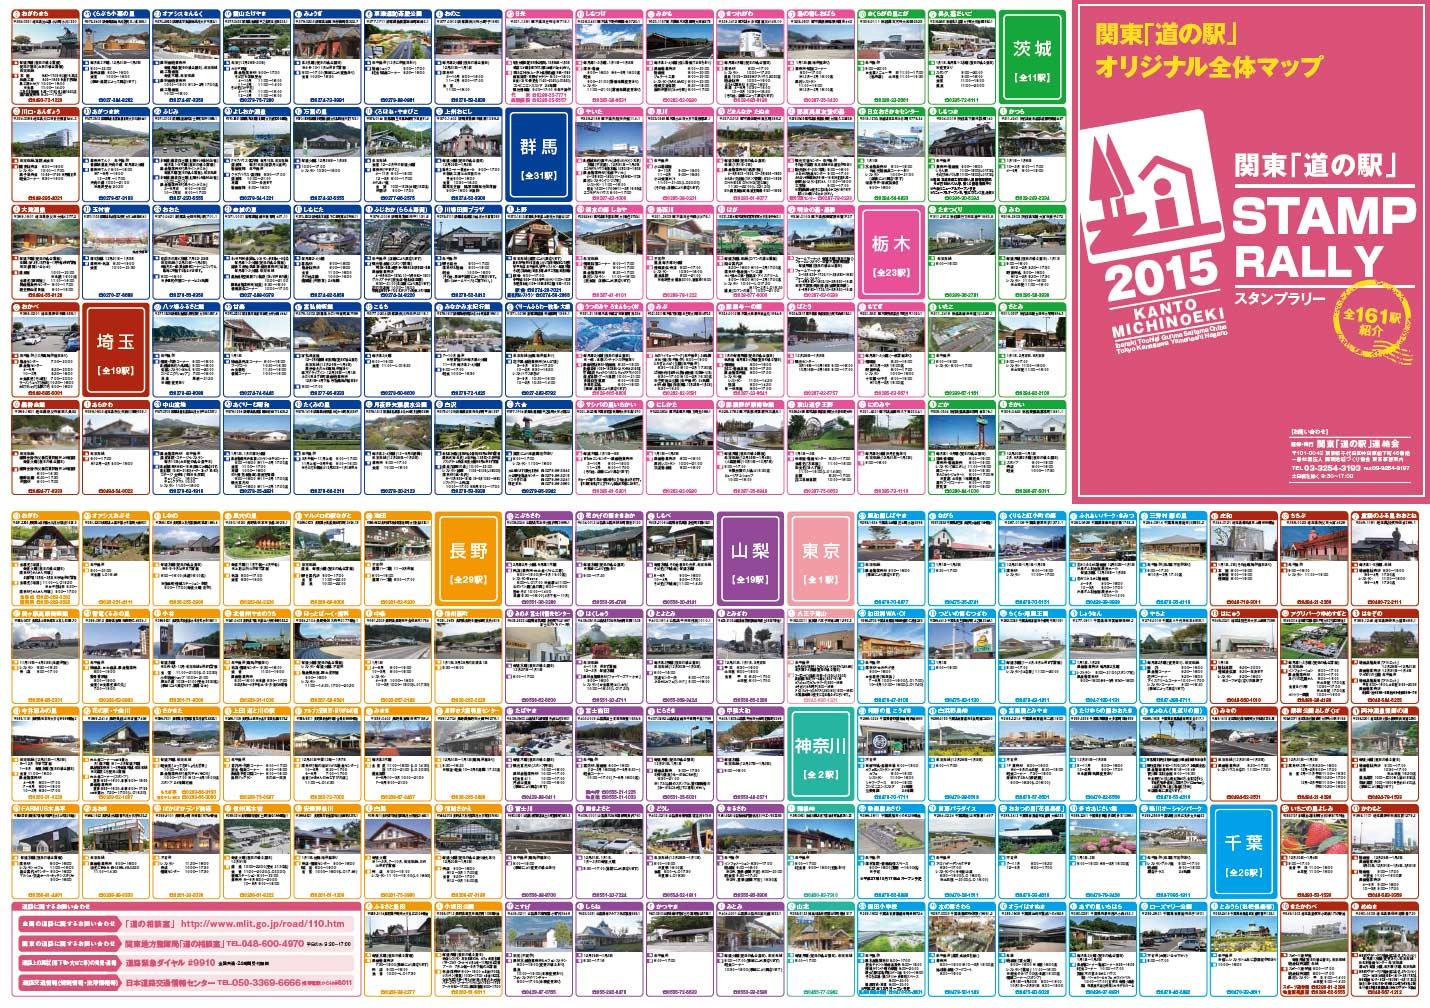 2015スタンプブックマップ